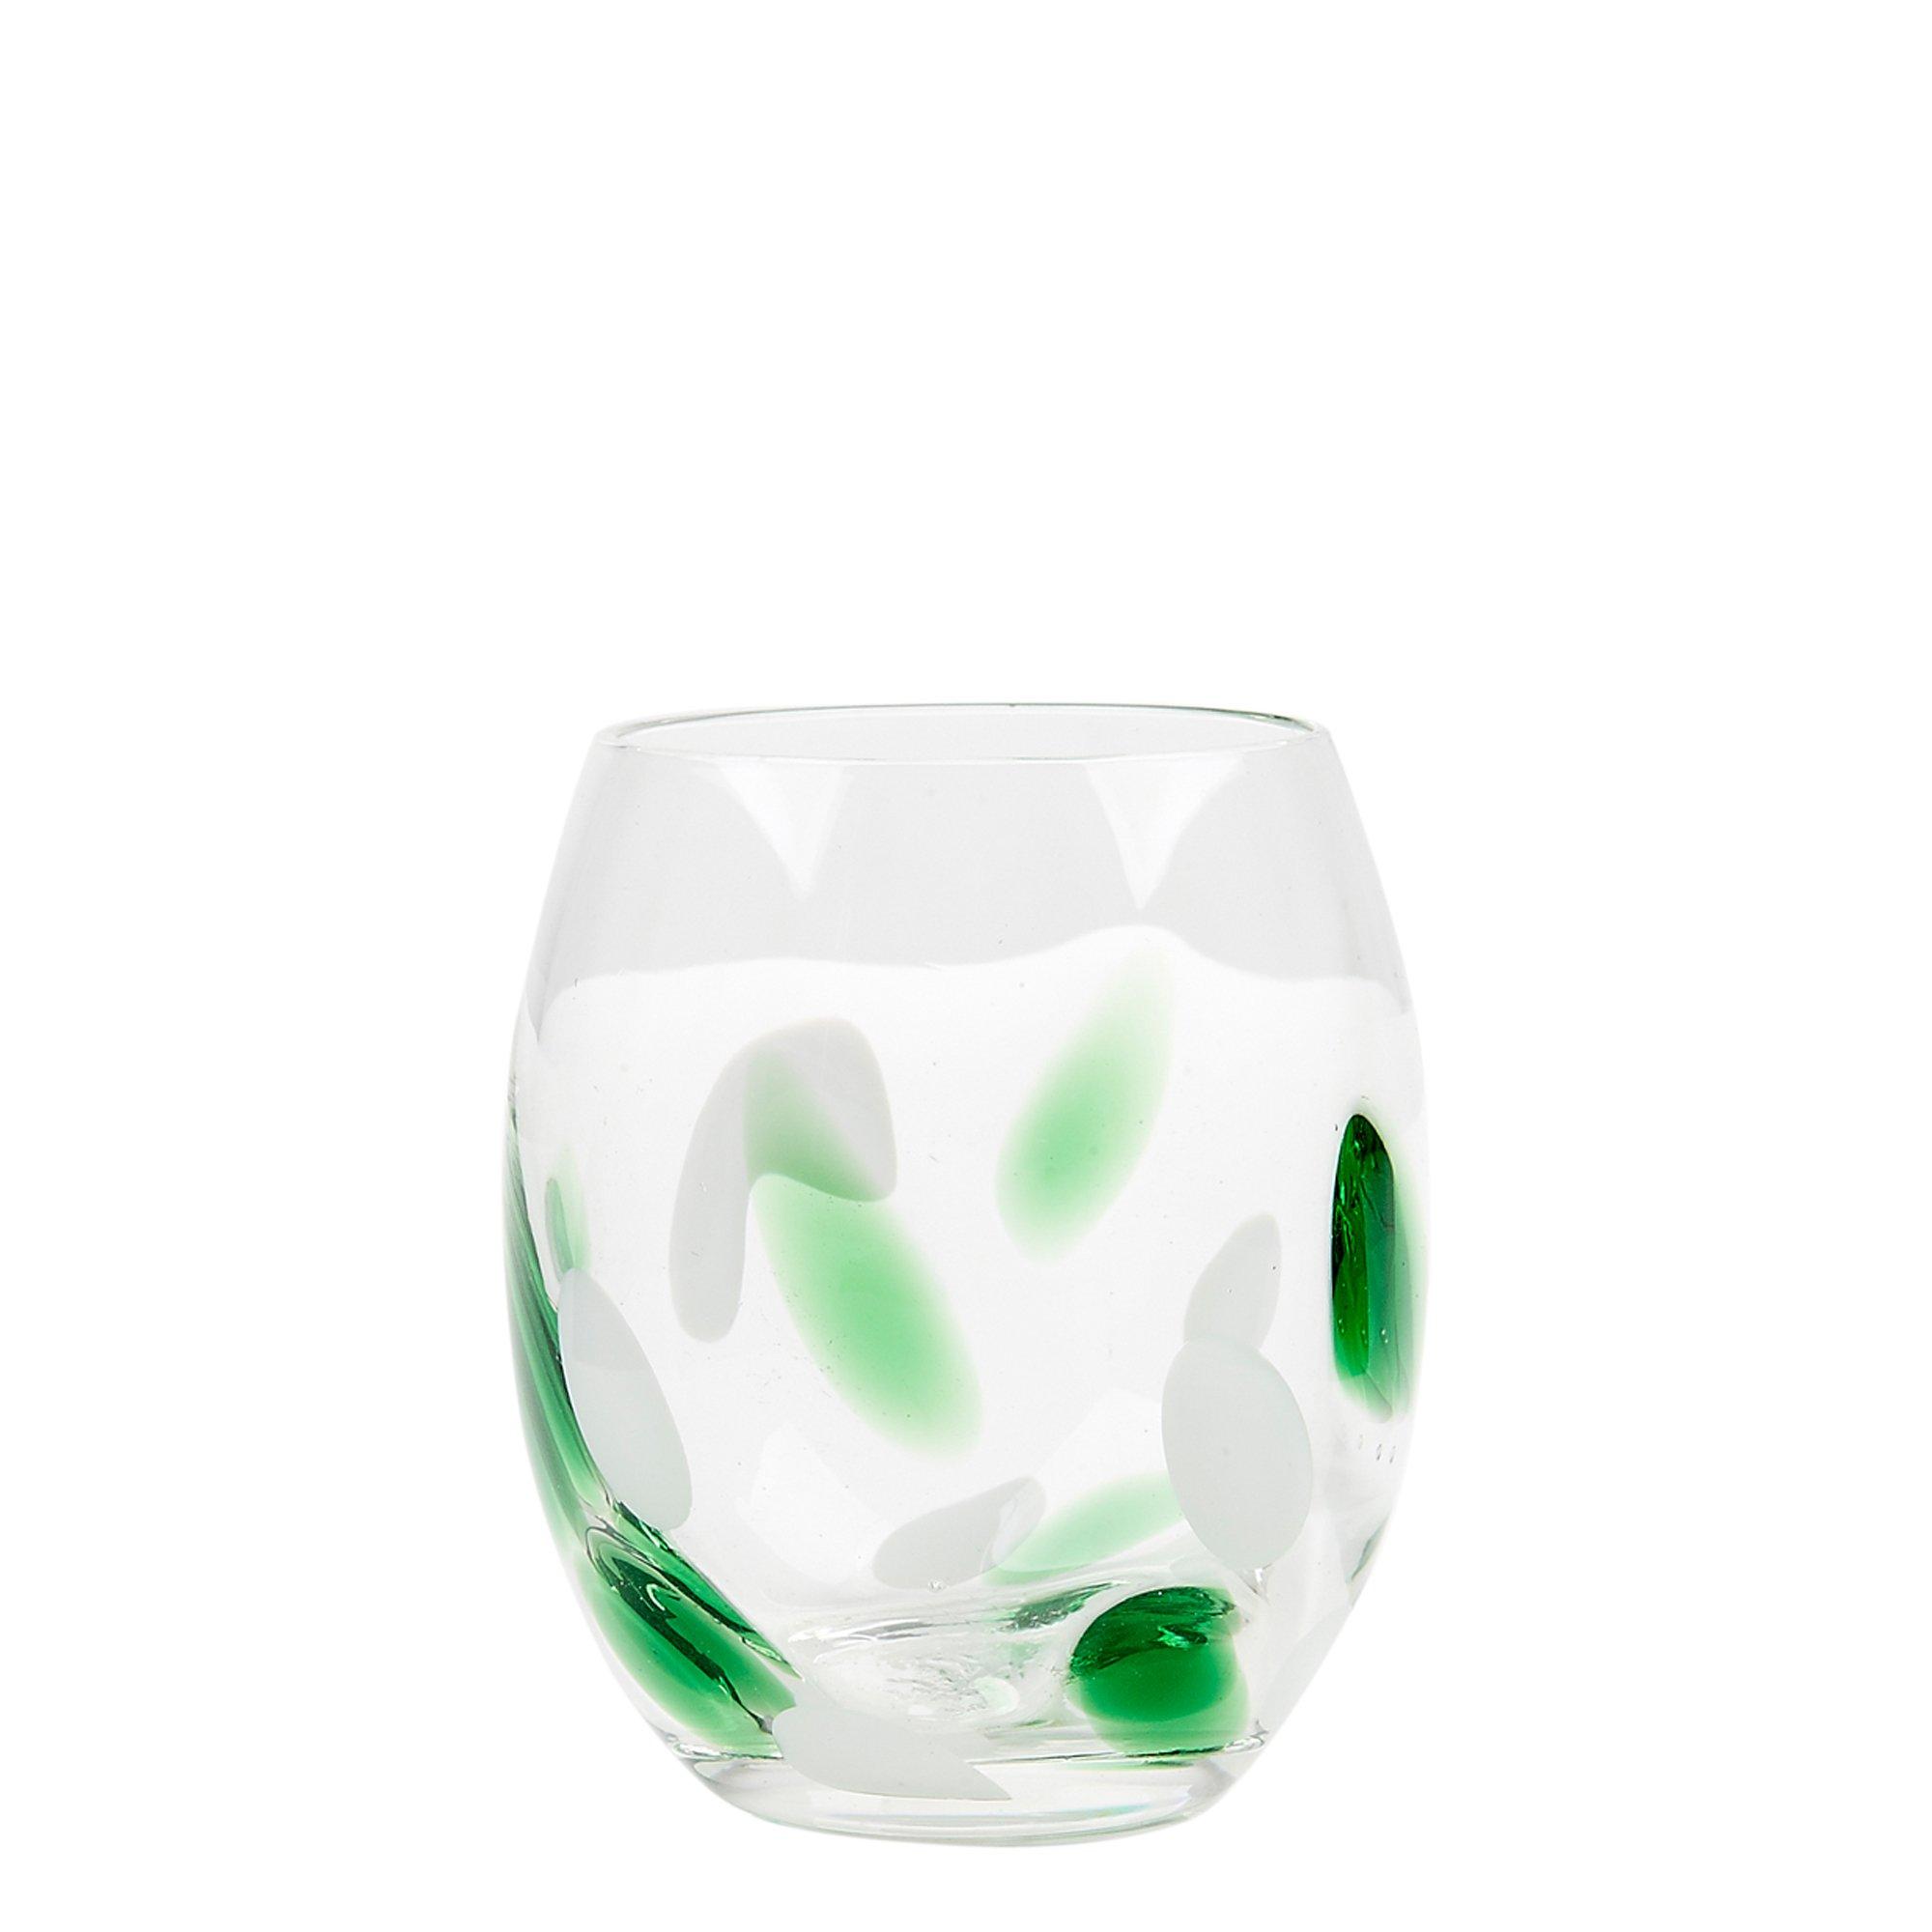 Impulse Cloud Rocks Glass, Green, Case of 24